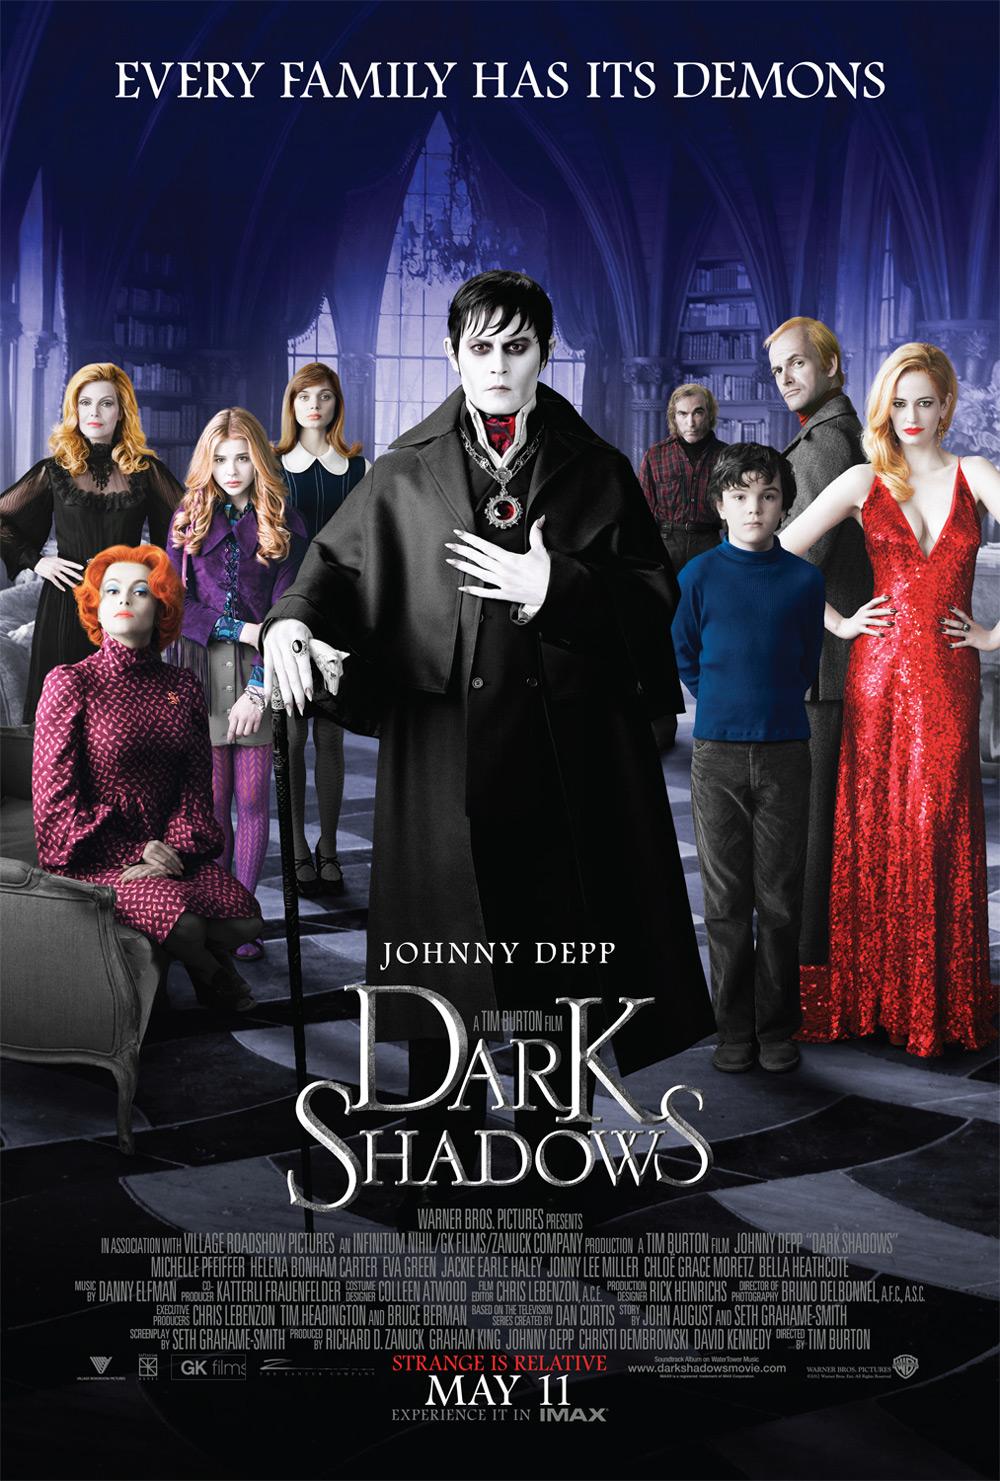 http://1.bp.blogspot.com/-NMEKyAxJ5xE/T2sclRY2udI/AAAAAAAAFoU/vXuoC6CR7Gg/s1600/dark-shadows-poster1.jpg